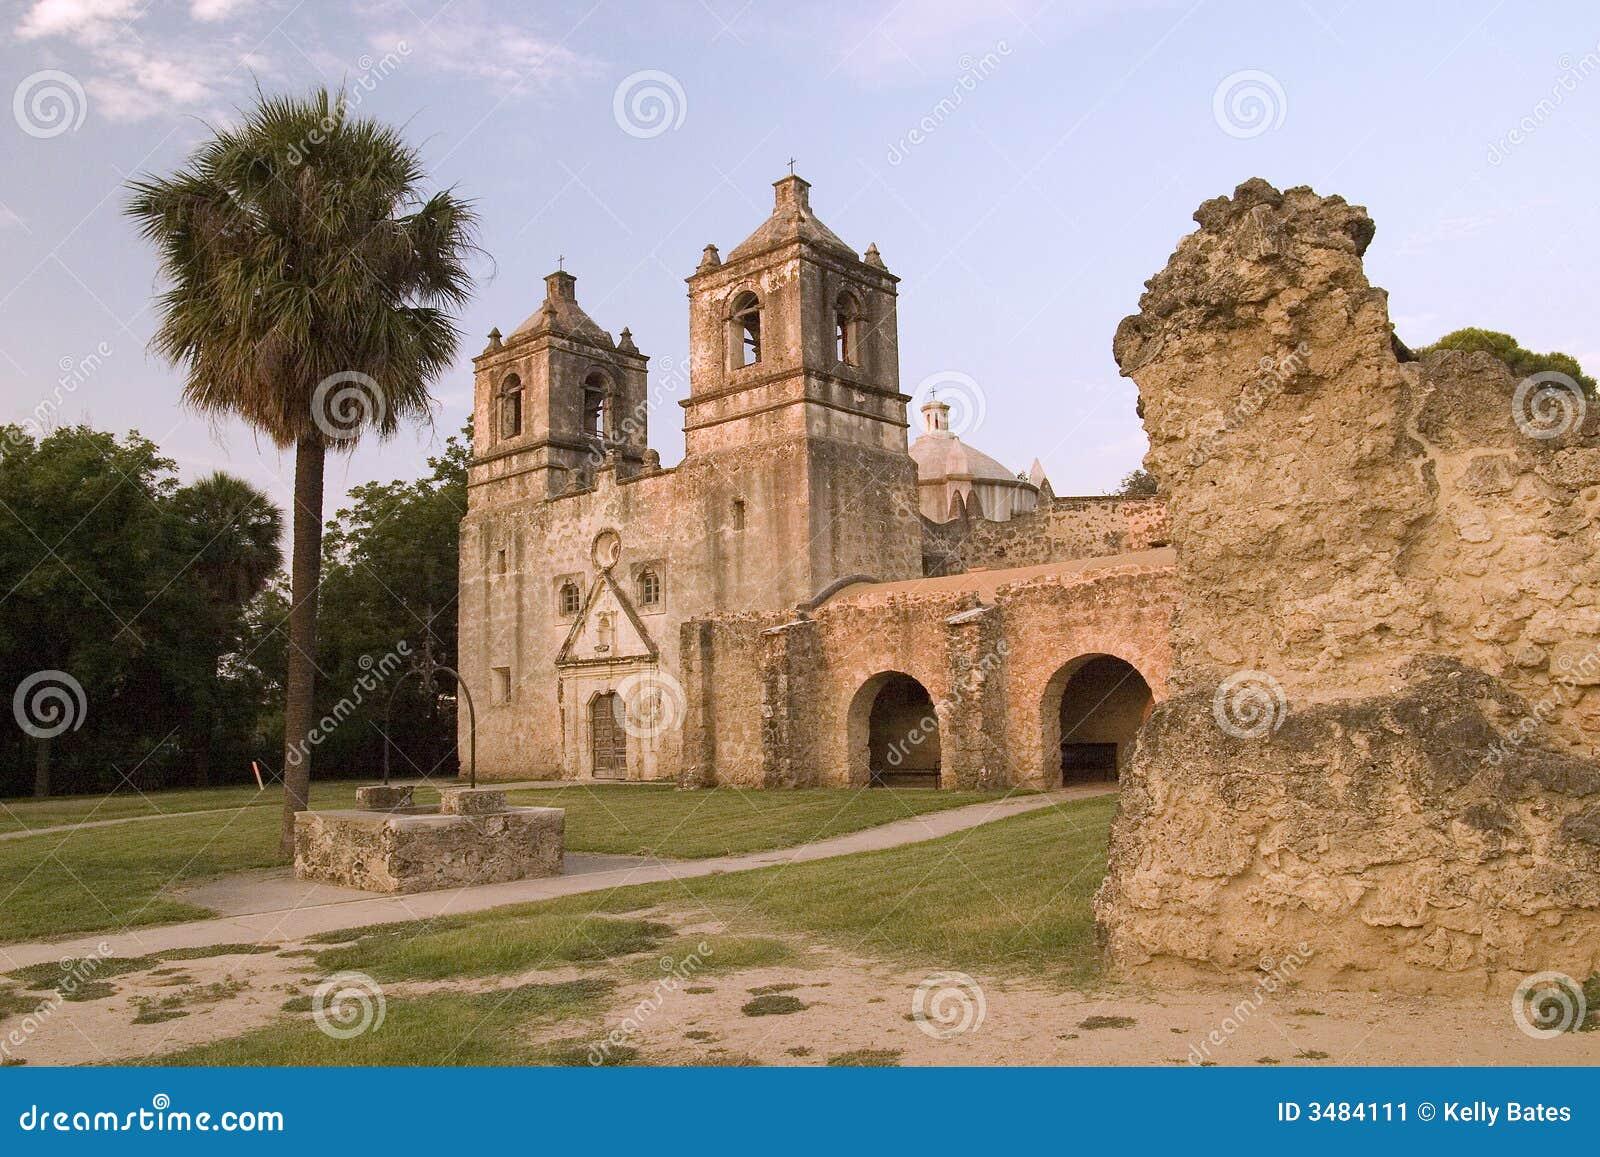 Mission de San Antonio